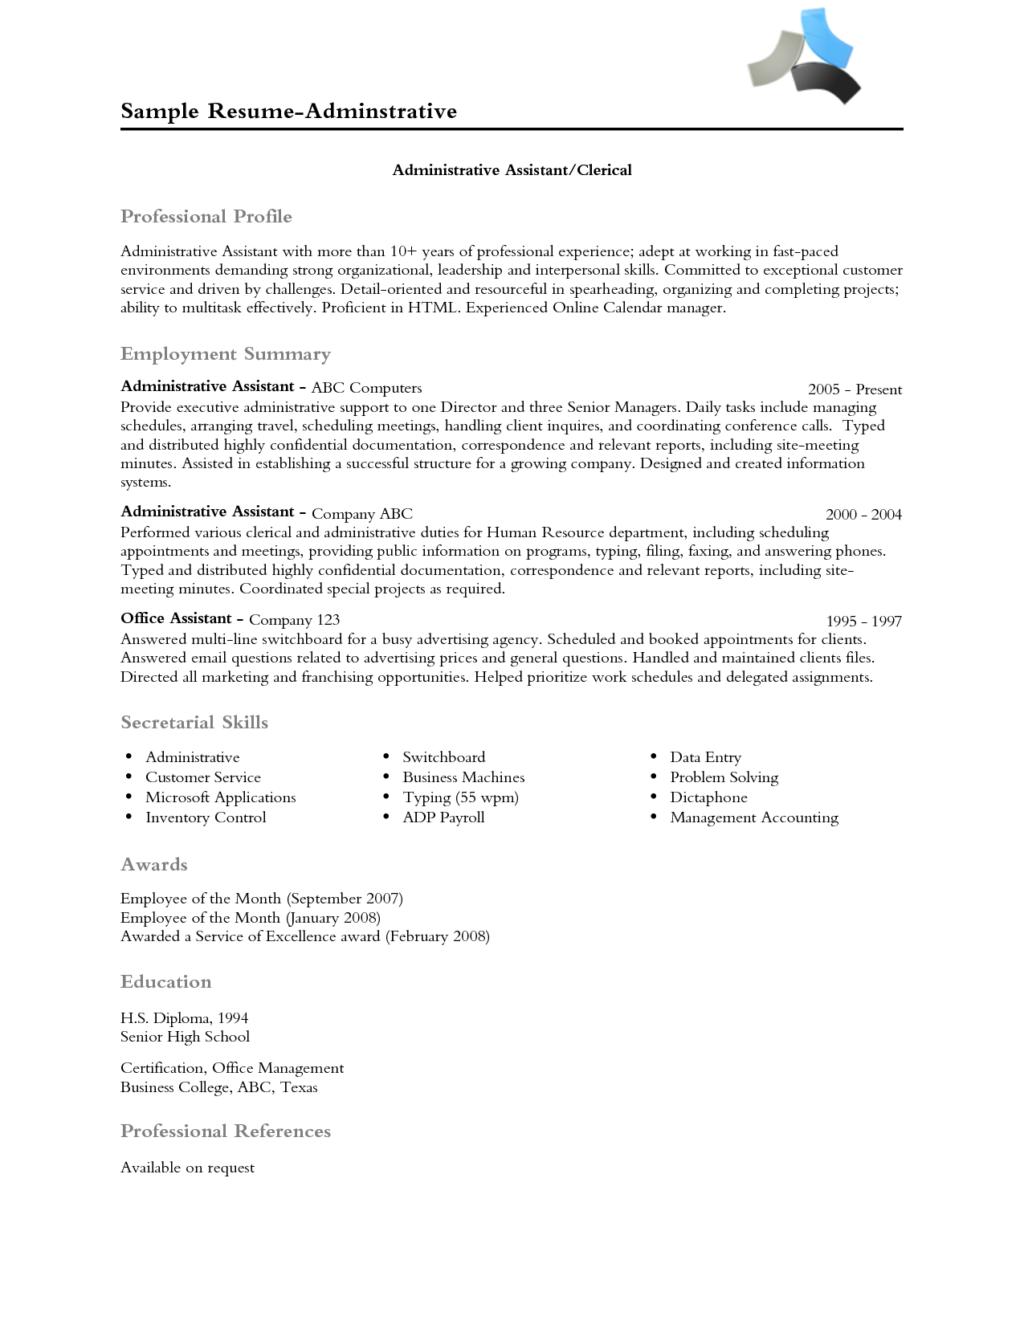 court clerk resume samples sample cover clerical letter | Home ...